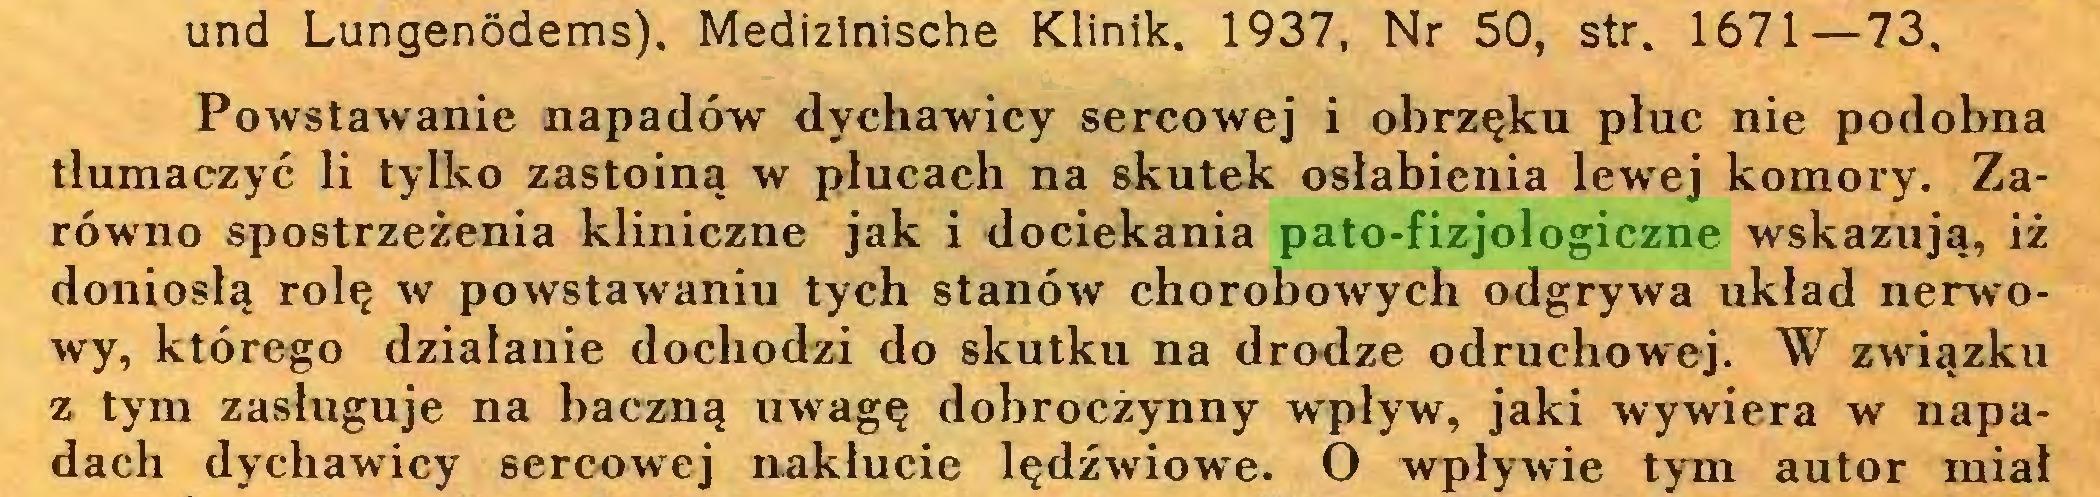 (...) und Lungenödems), Medizinische Klinik. 1937, Nr 50, str. 1671—73, Powstawanie napadów dychawicy sercowej i obrzęku płuc nie podobna tłumaczyć li tylko zastoiną w płucach na skutek osłabienia lewej komory. Zarówno spostrzeżenia kliniczne jak i dociekania pato-fizjologiczne wskazują, iż doniosłą rolę w powstawaniu tych stanów chorobowych odgrywa układ nerwowy, którego działanie dochodzi do skutku na drodze odruchowej. W związku z tym zasługuje na baczną uwagę dobroczynny wpływ, jaki wywiera w napadach dychawicy sercowej nakłucie lędźwiowe. O wpływie tym autor miał...